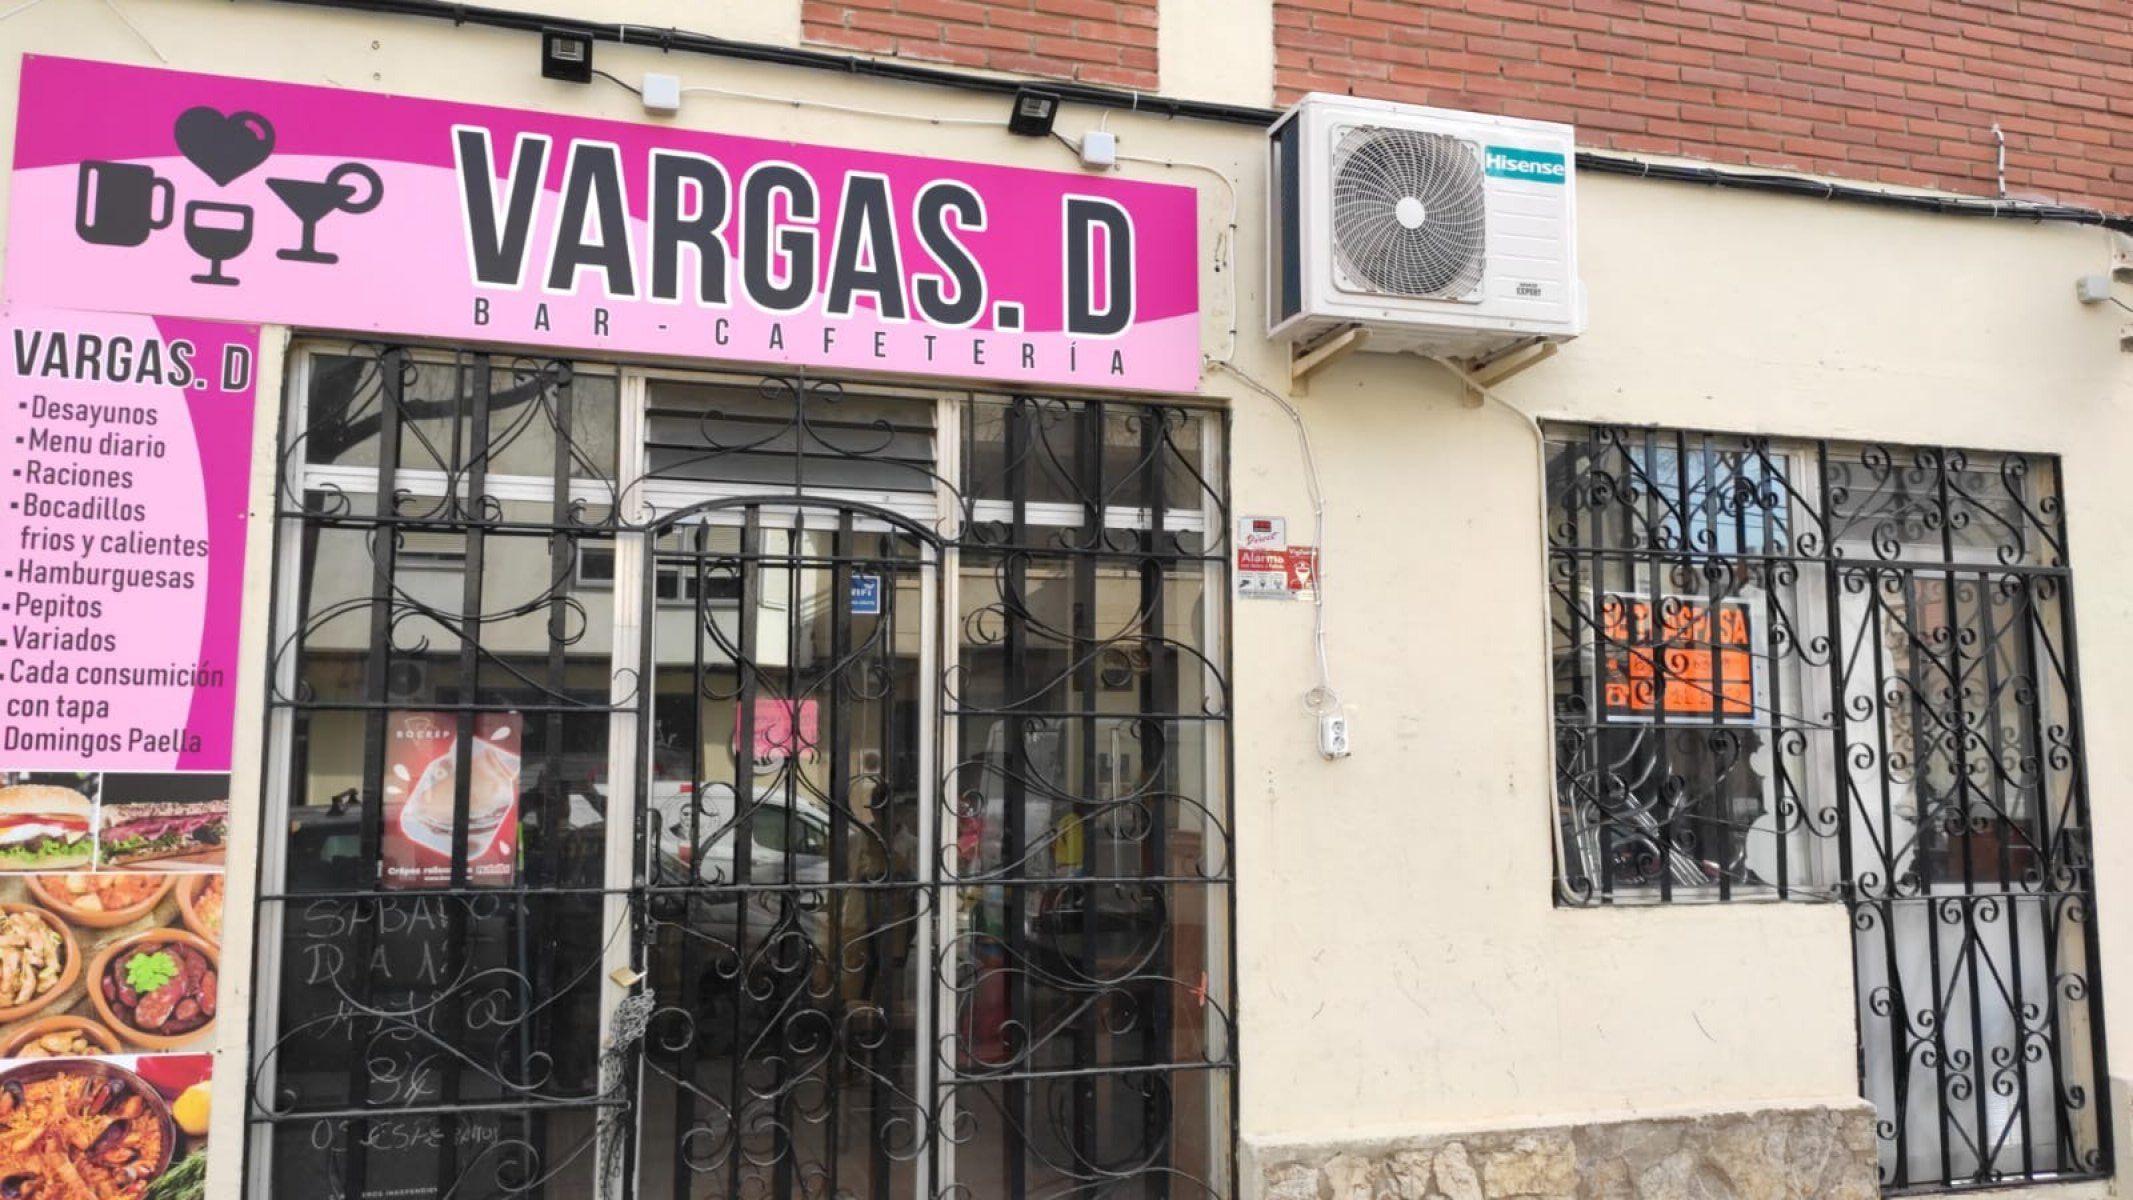 Traspaso Local Comercial  Palma de mallorca ,rafal nou. Traspaso bar/cafetería rafal nou